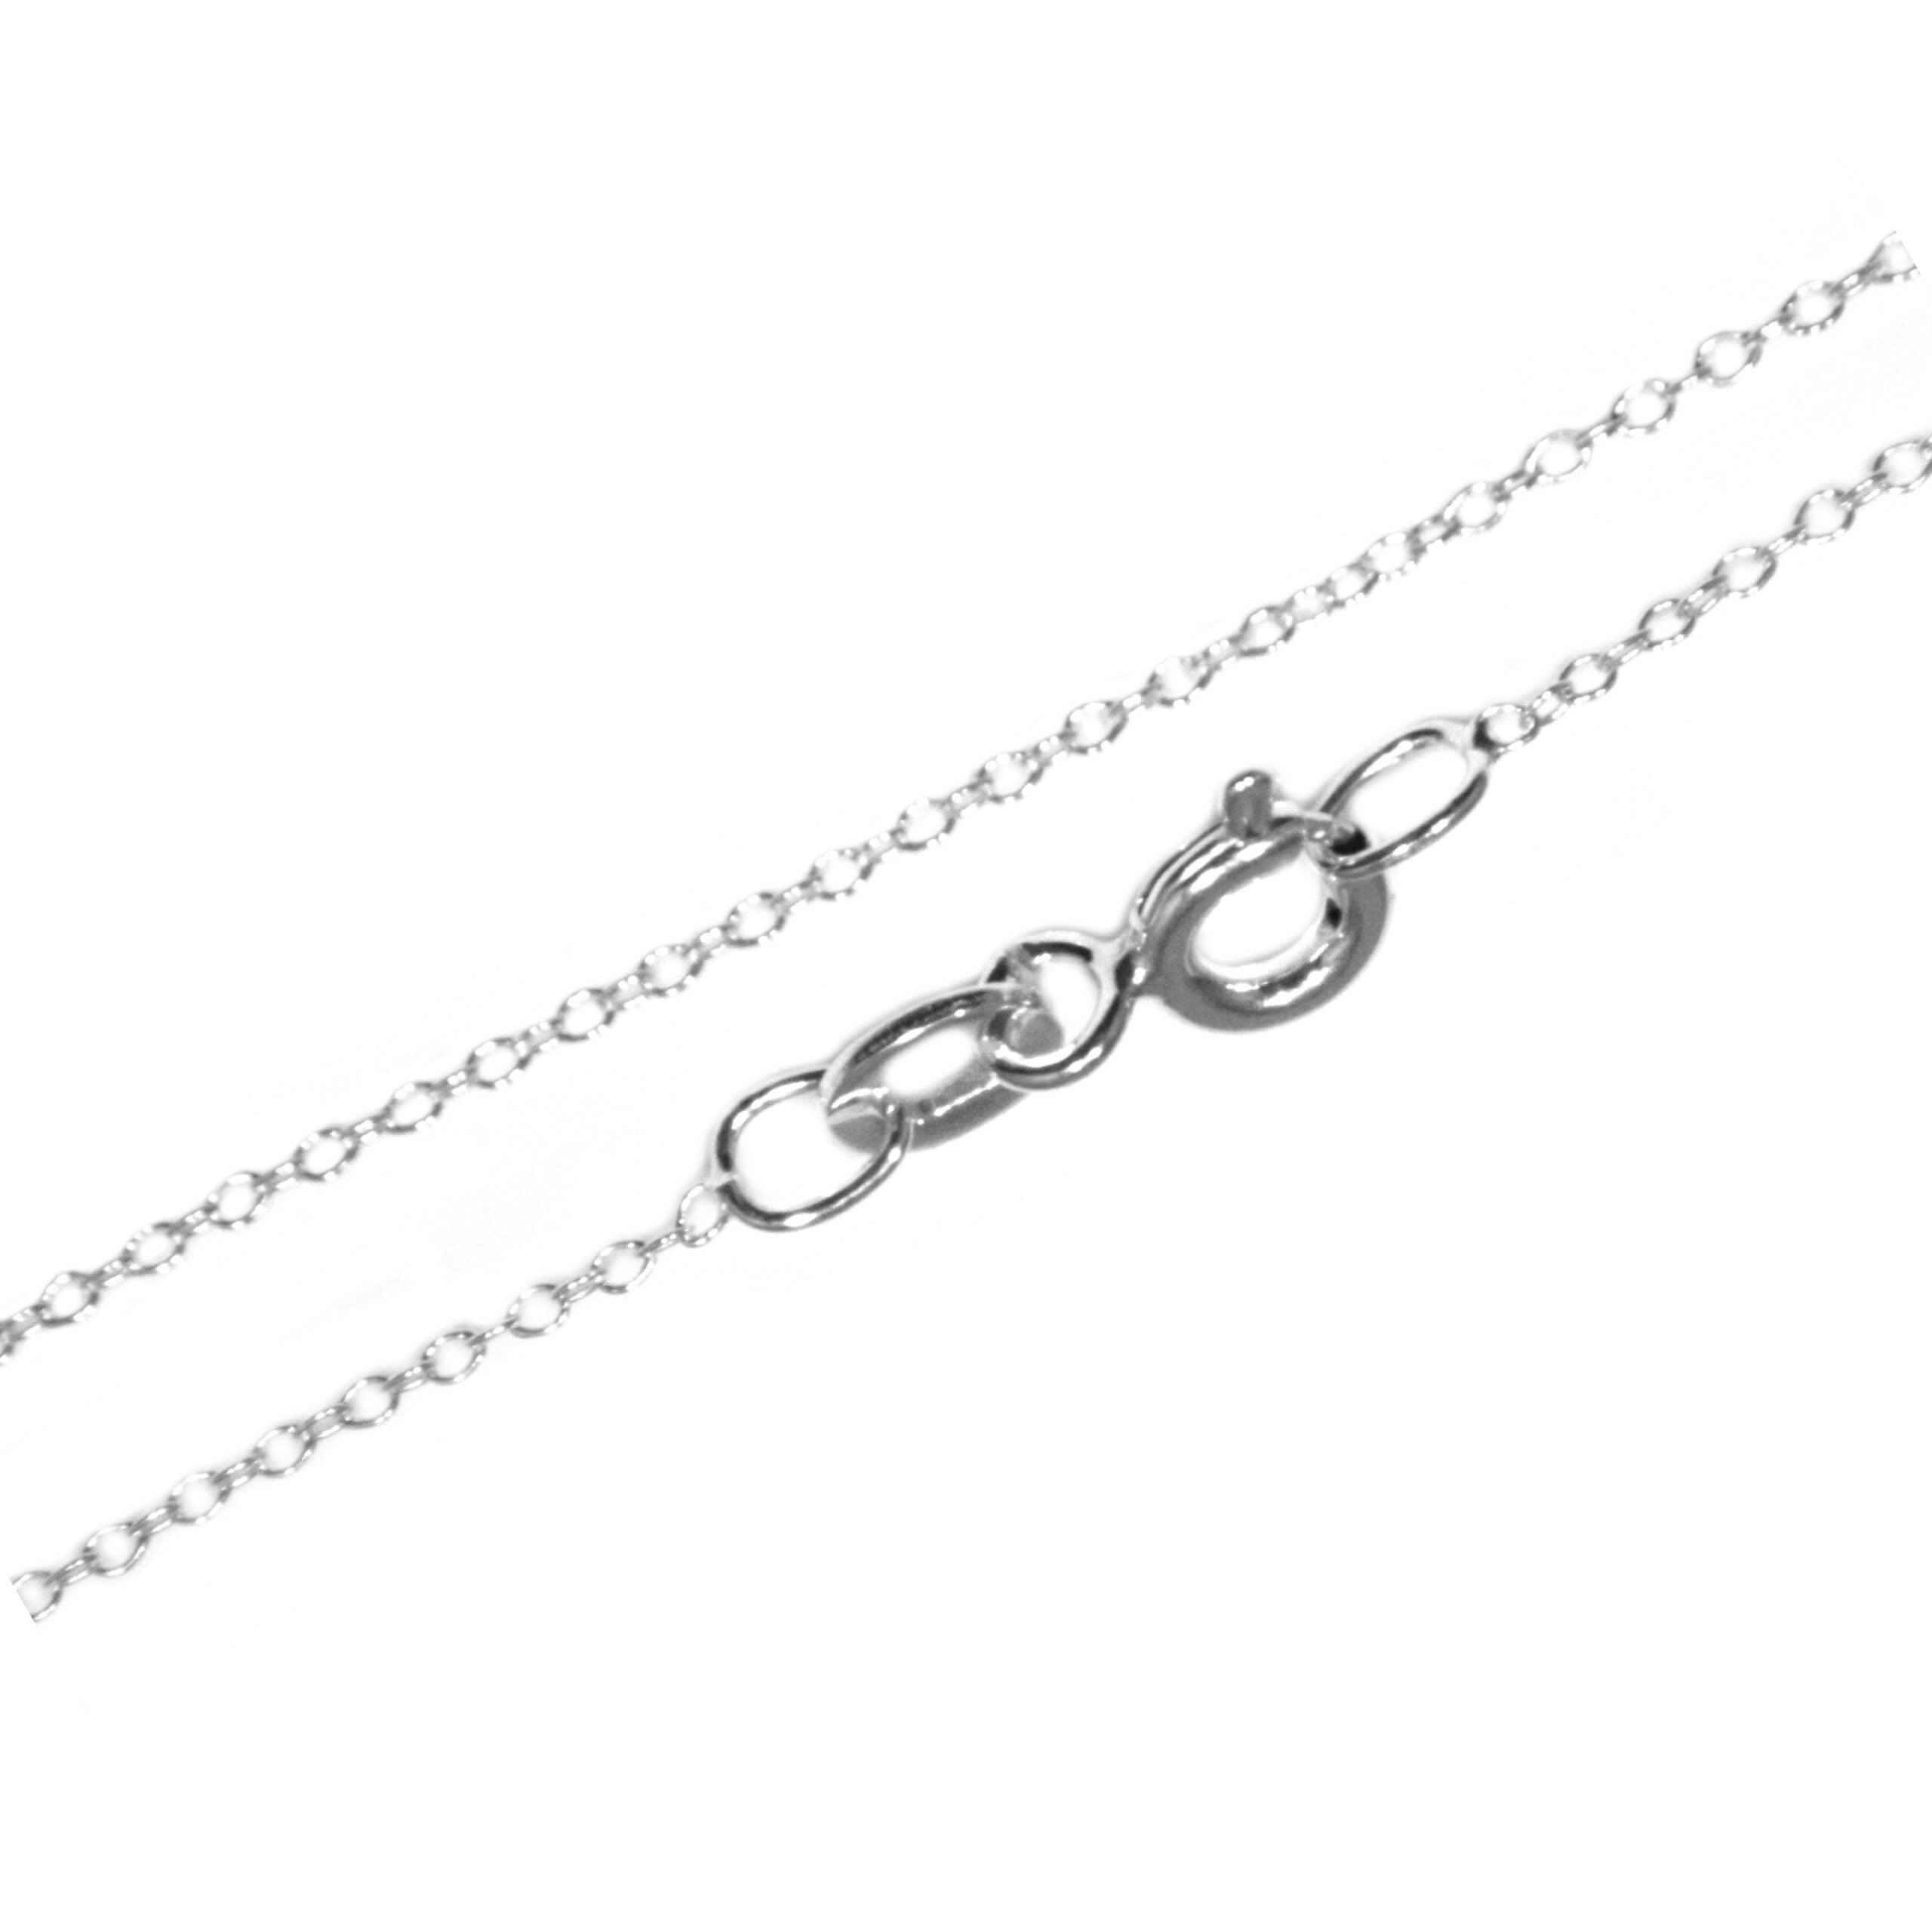 18 inch silver trace chain